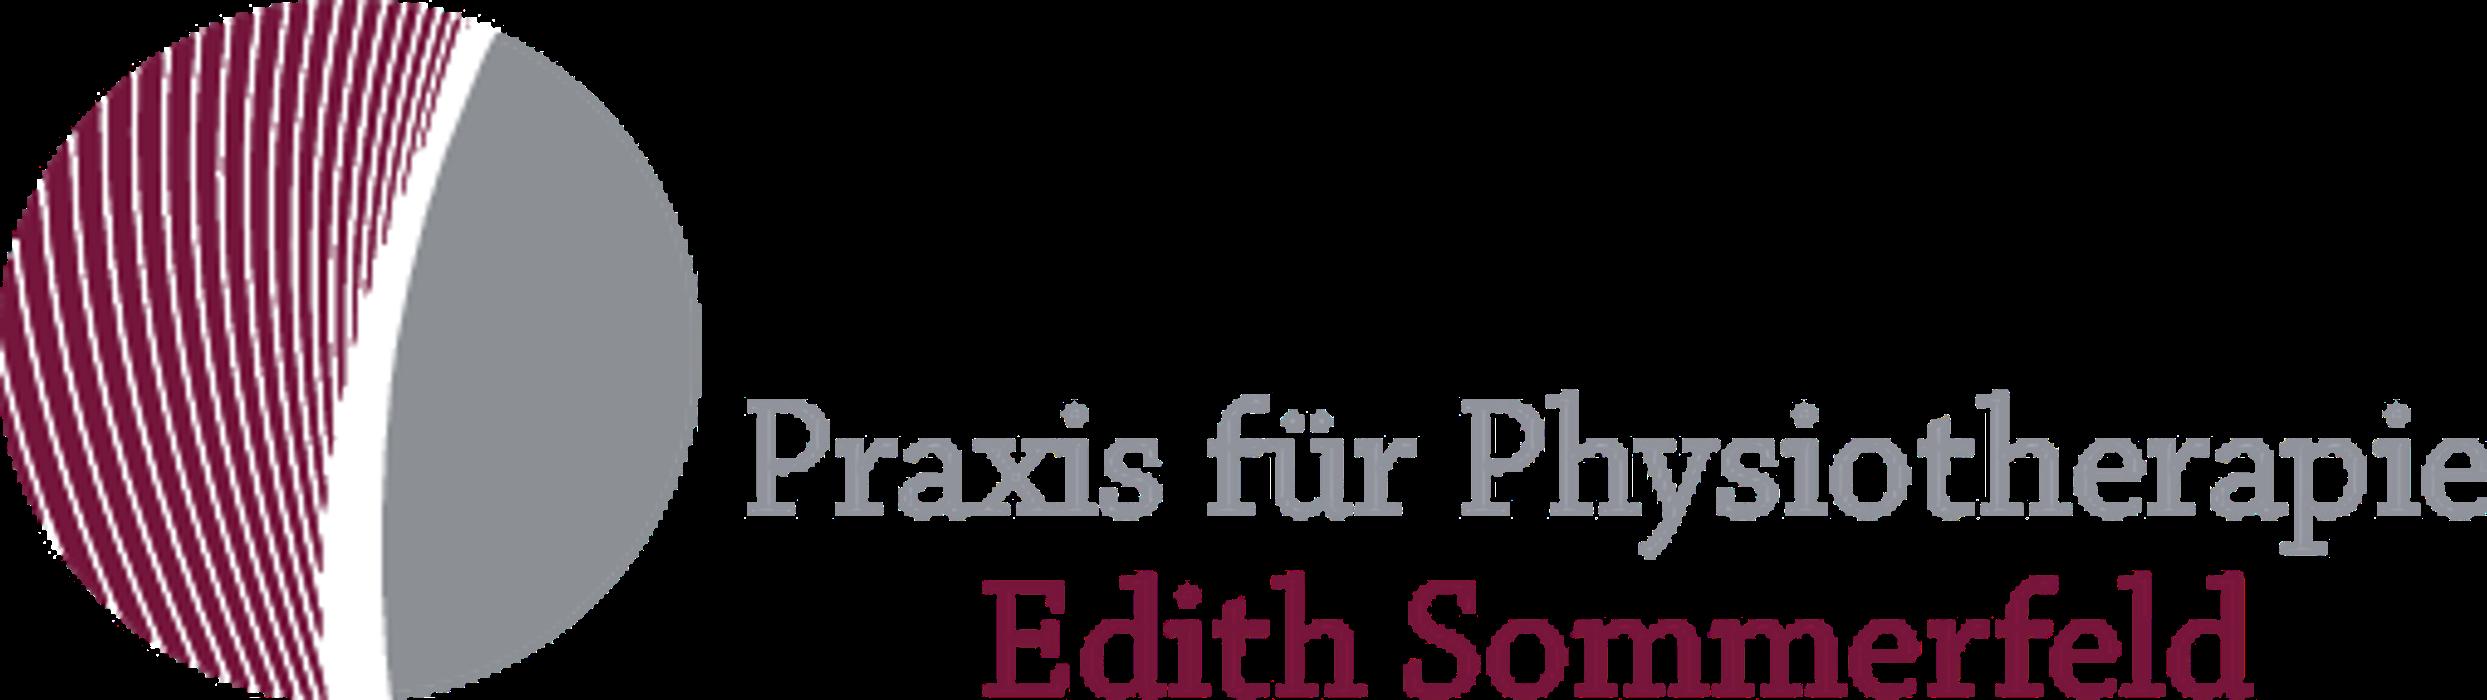 Bild zu Praxis für Physiotherapie Edith Sommerfeld in Bobingen